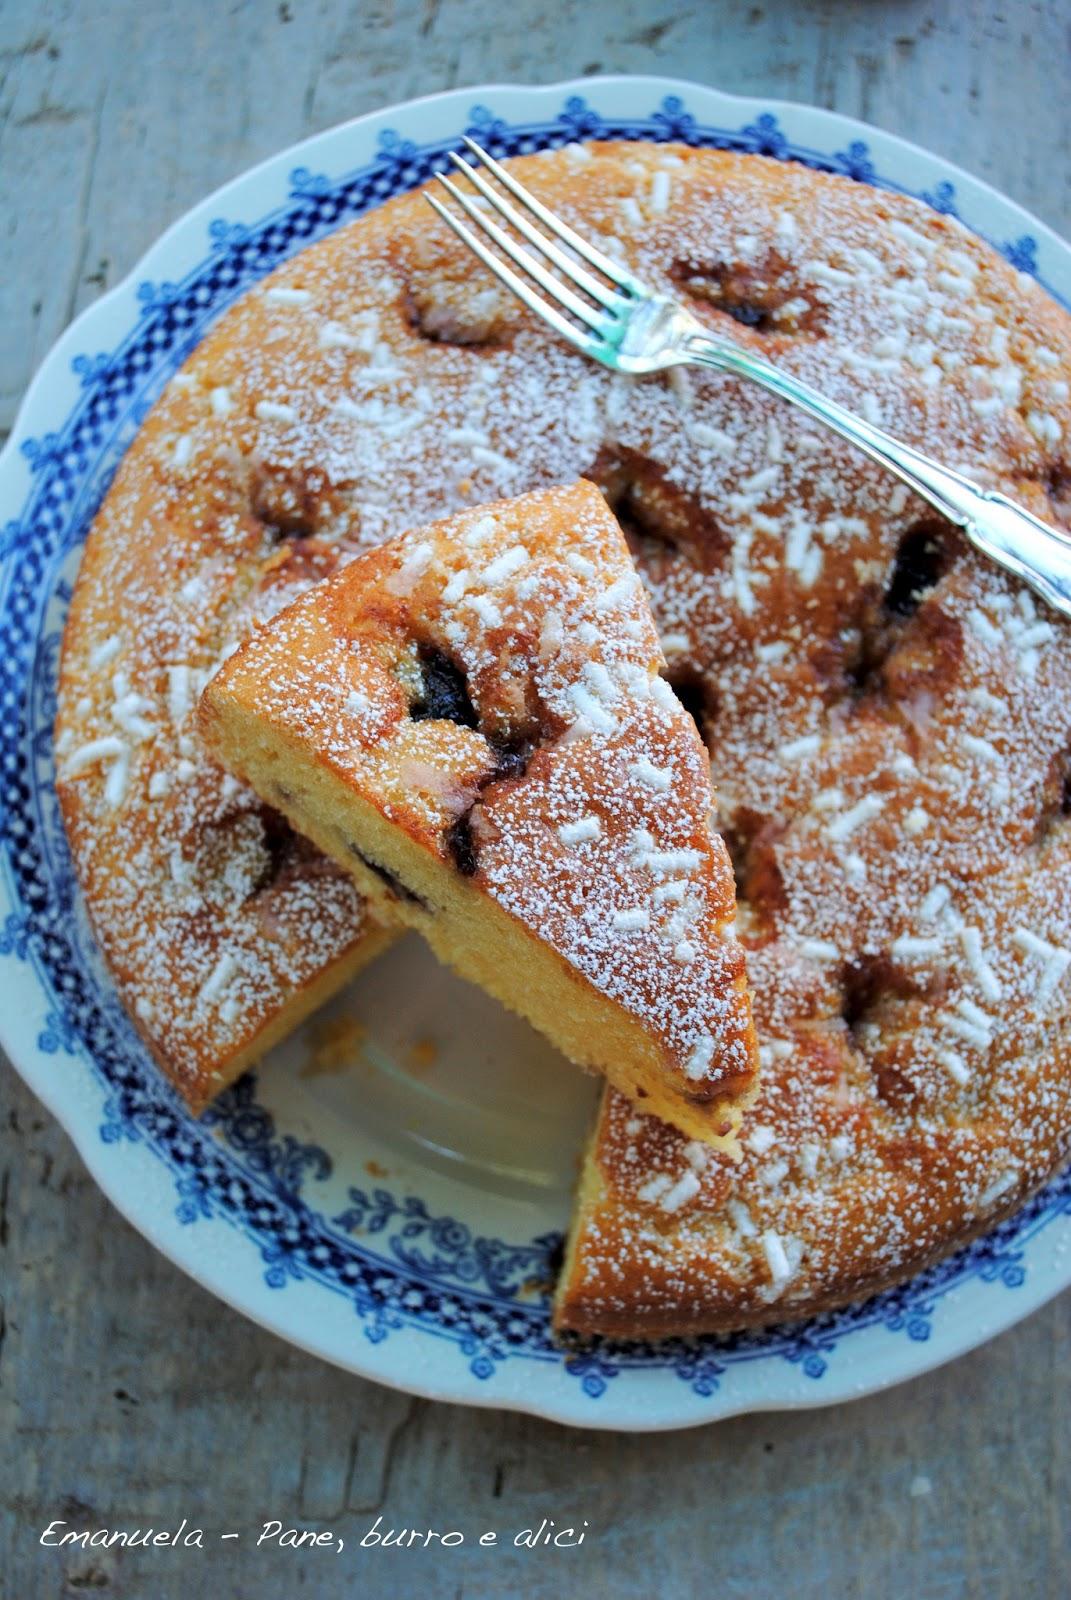 Ben noto Pane, burro e alici: Torta morbida al formaggio con marmellata di  MU84